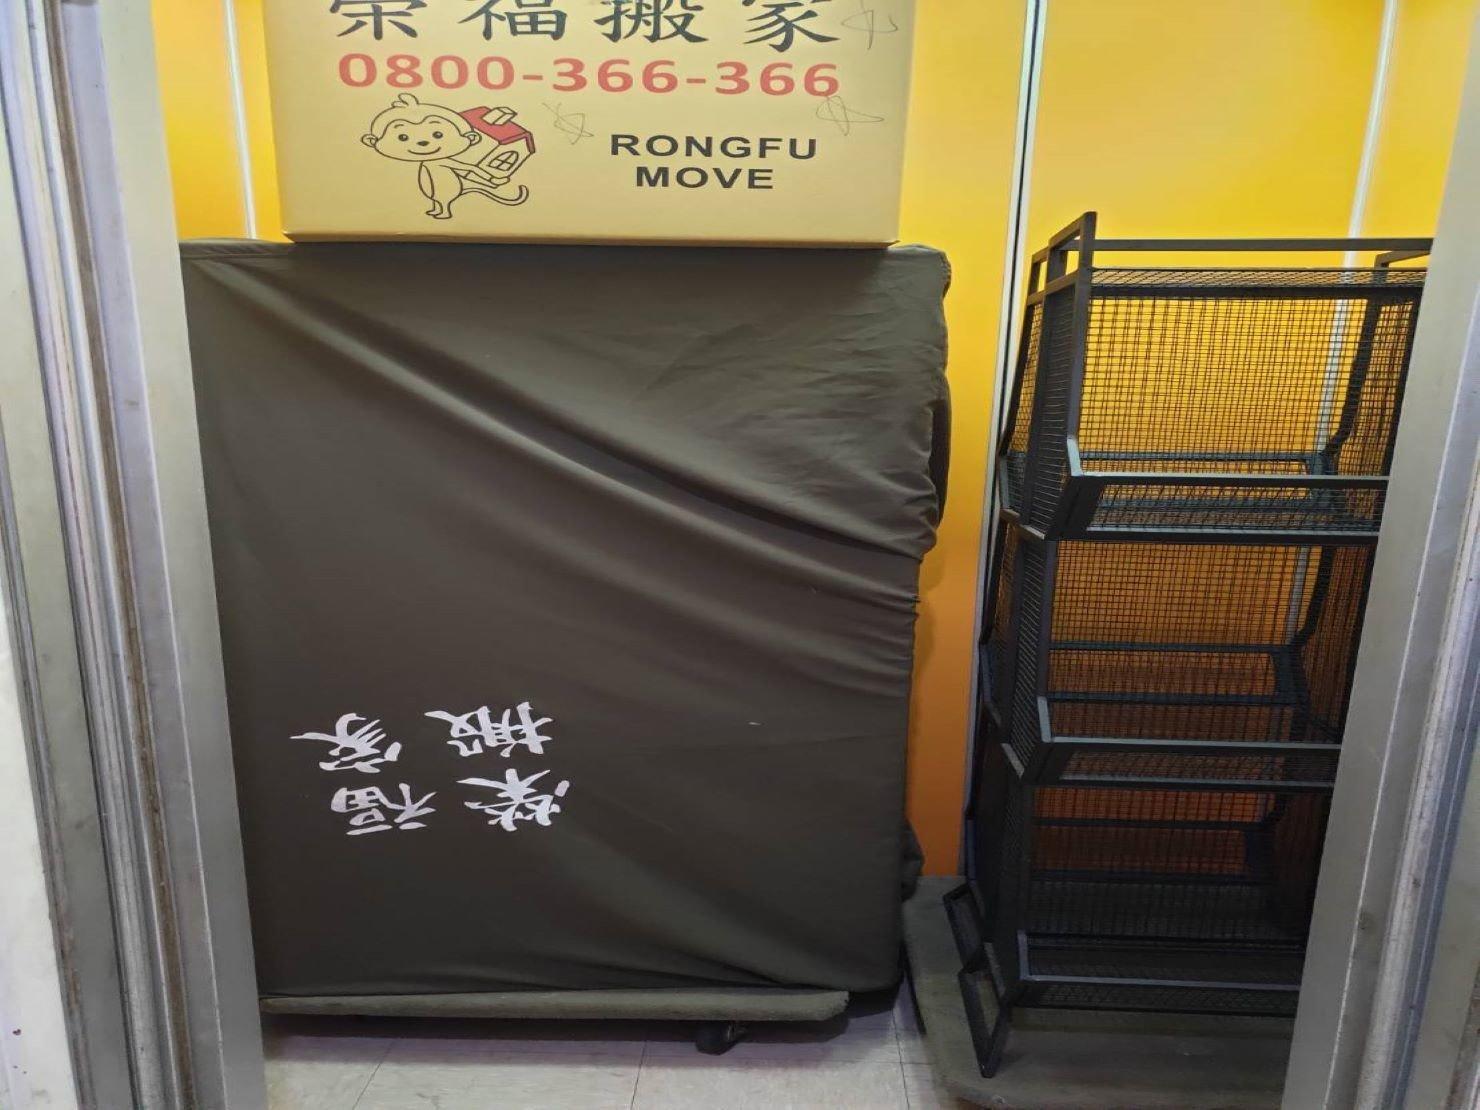 家庭搬家找【榮福搬家】專業服務值得您的信賴與託付:床墊包裹好在搬運